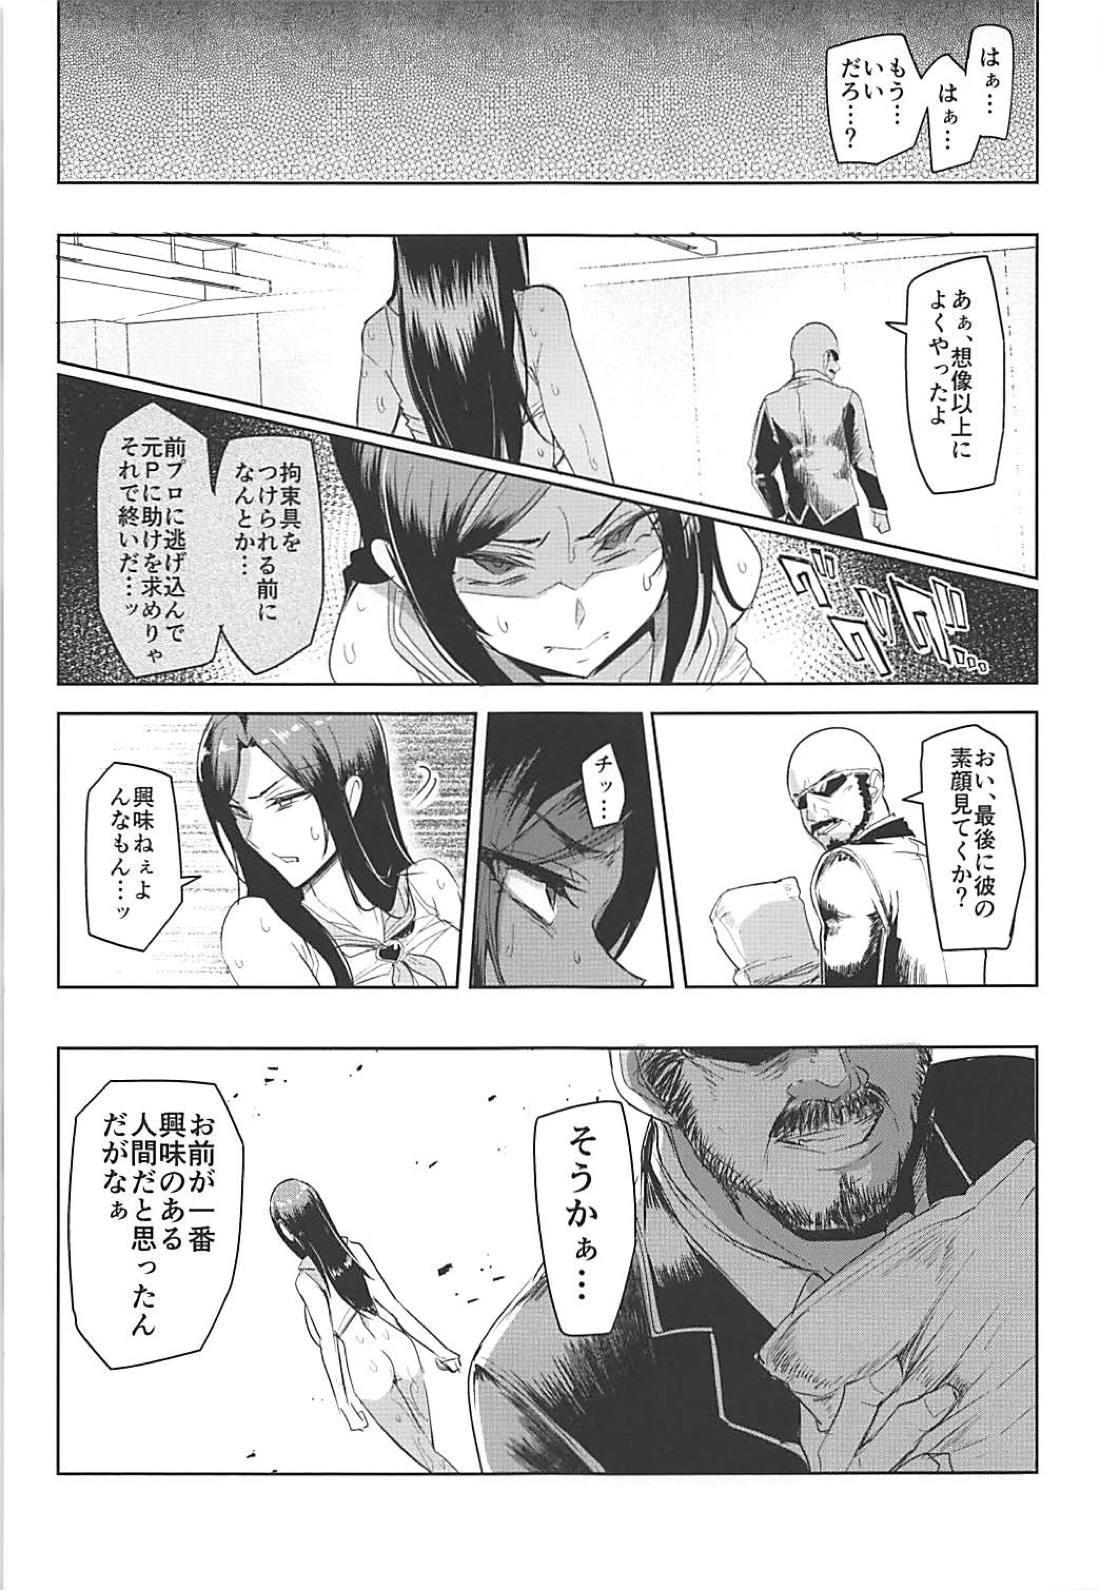 Shinai Max Mattanashi! 4 35